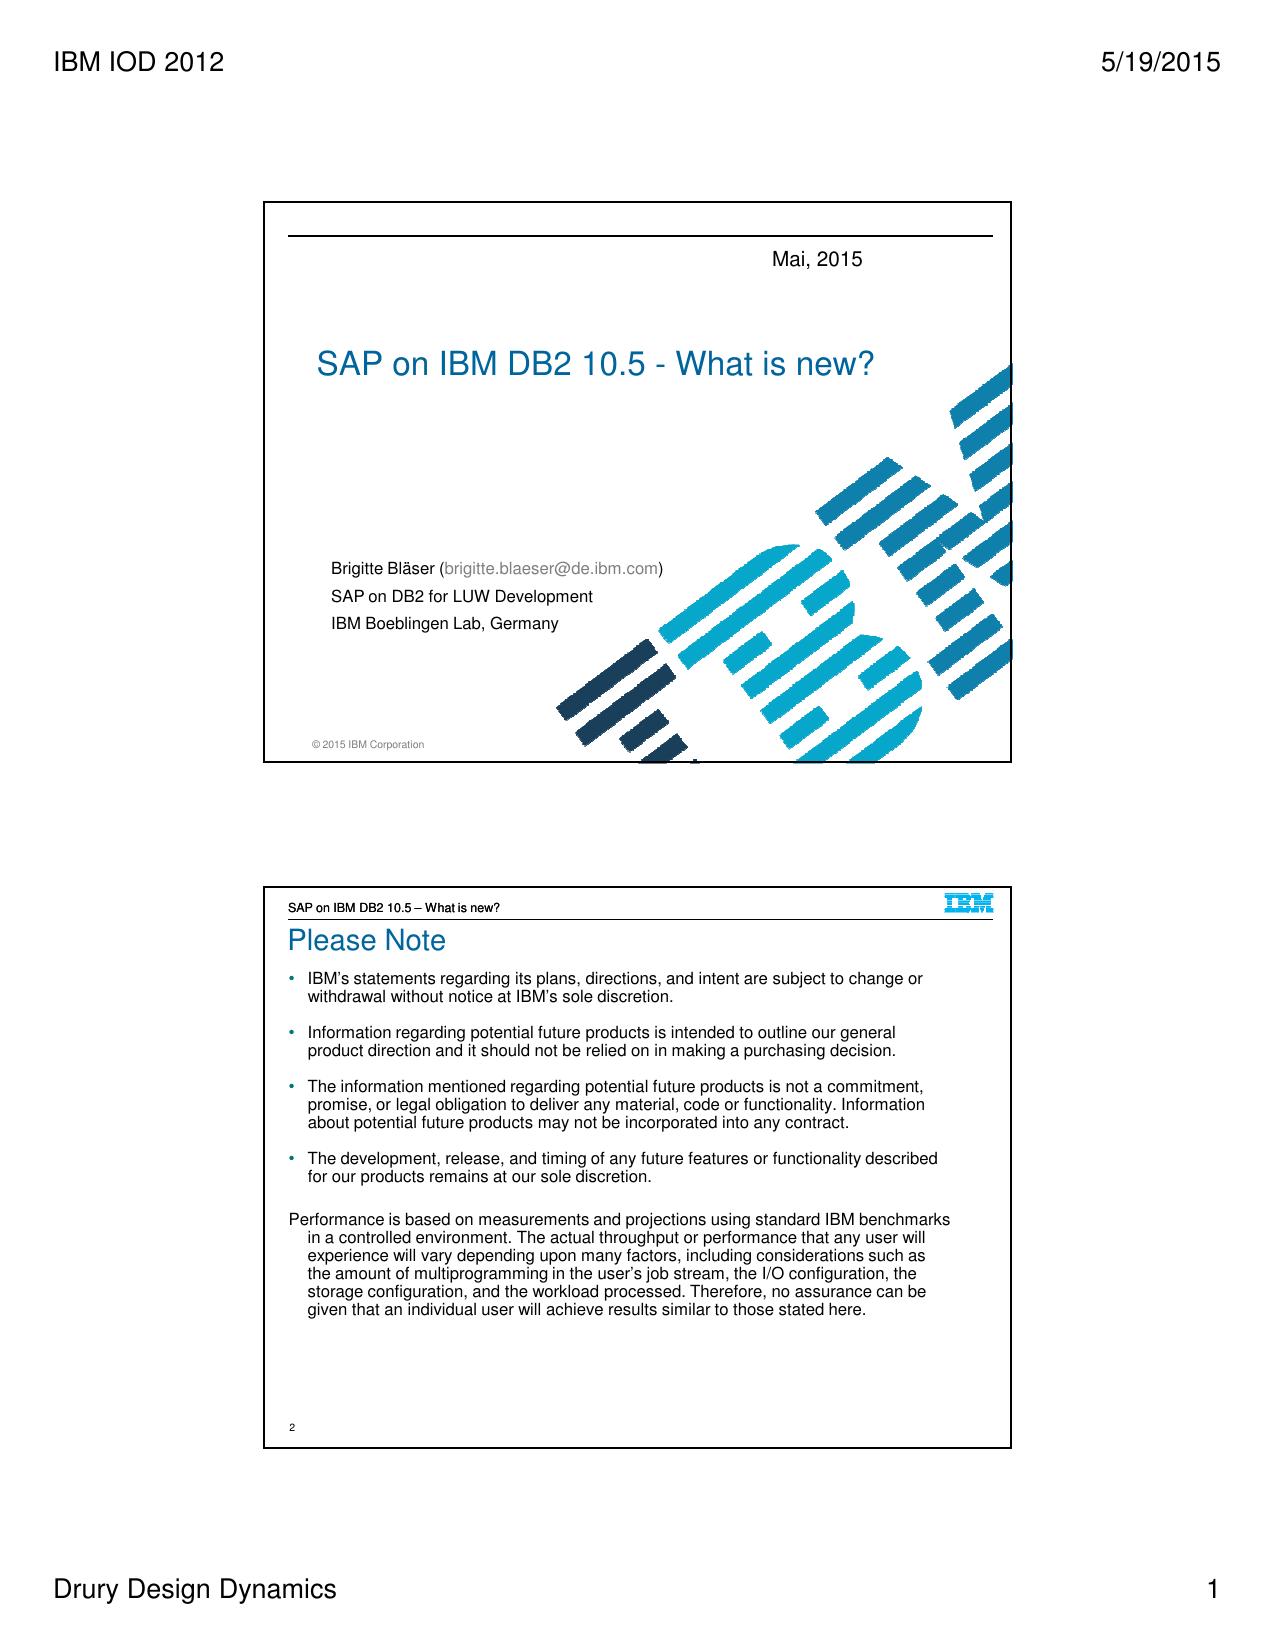 SAP on IBM DB2 10 5